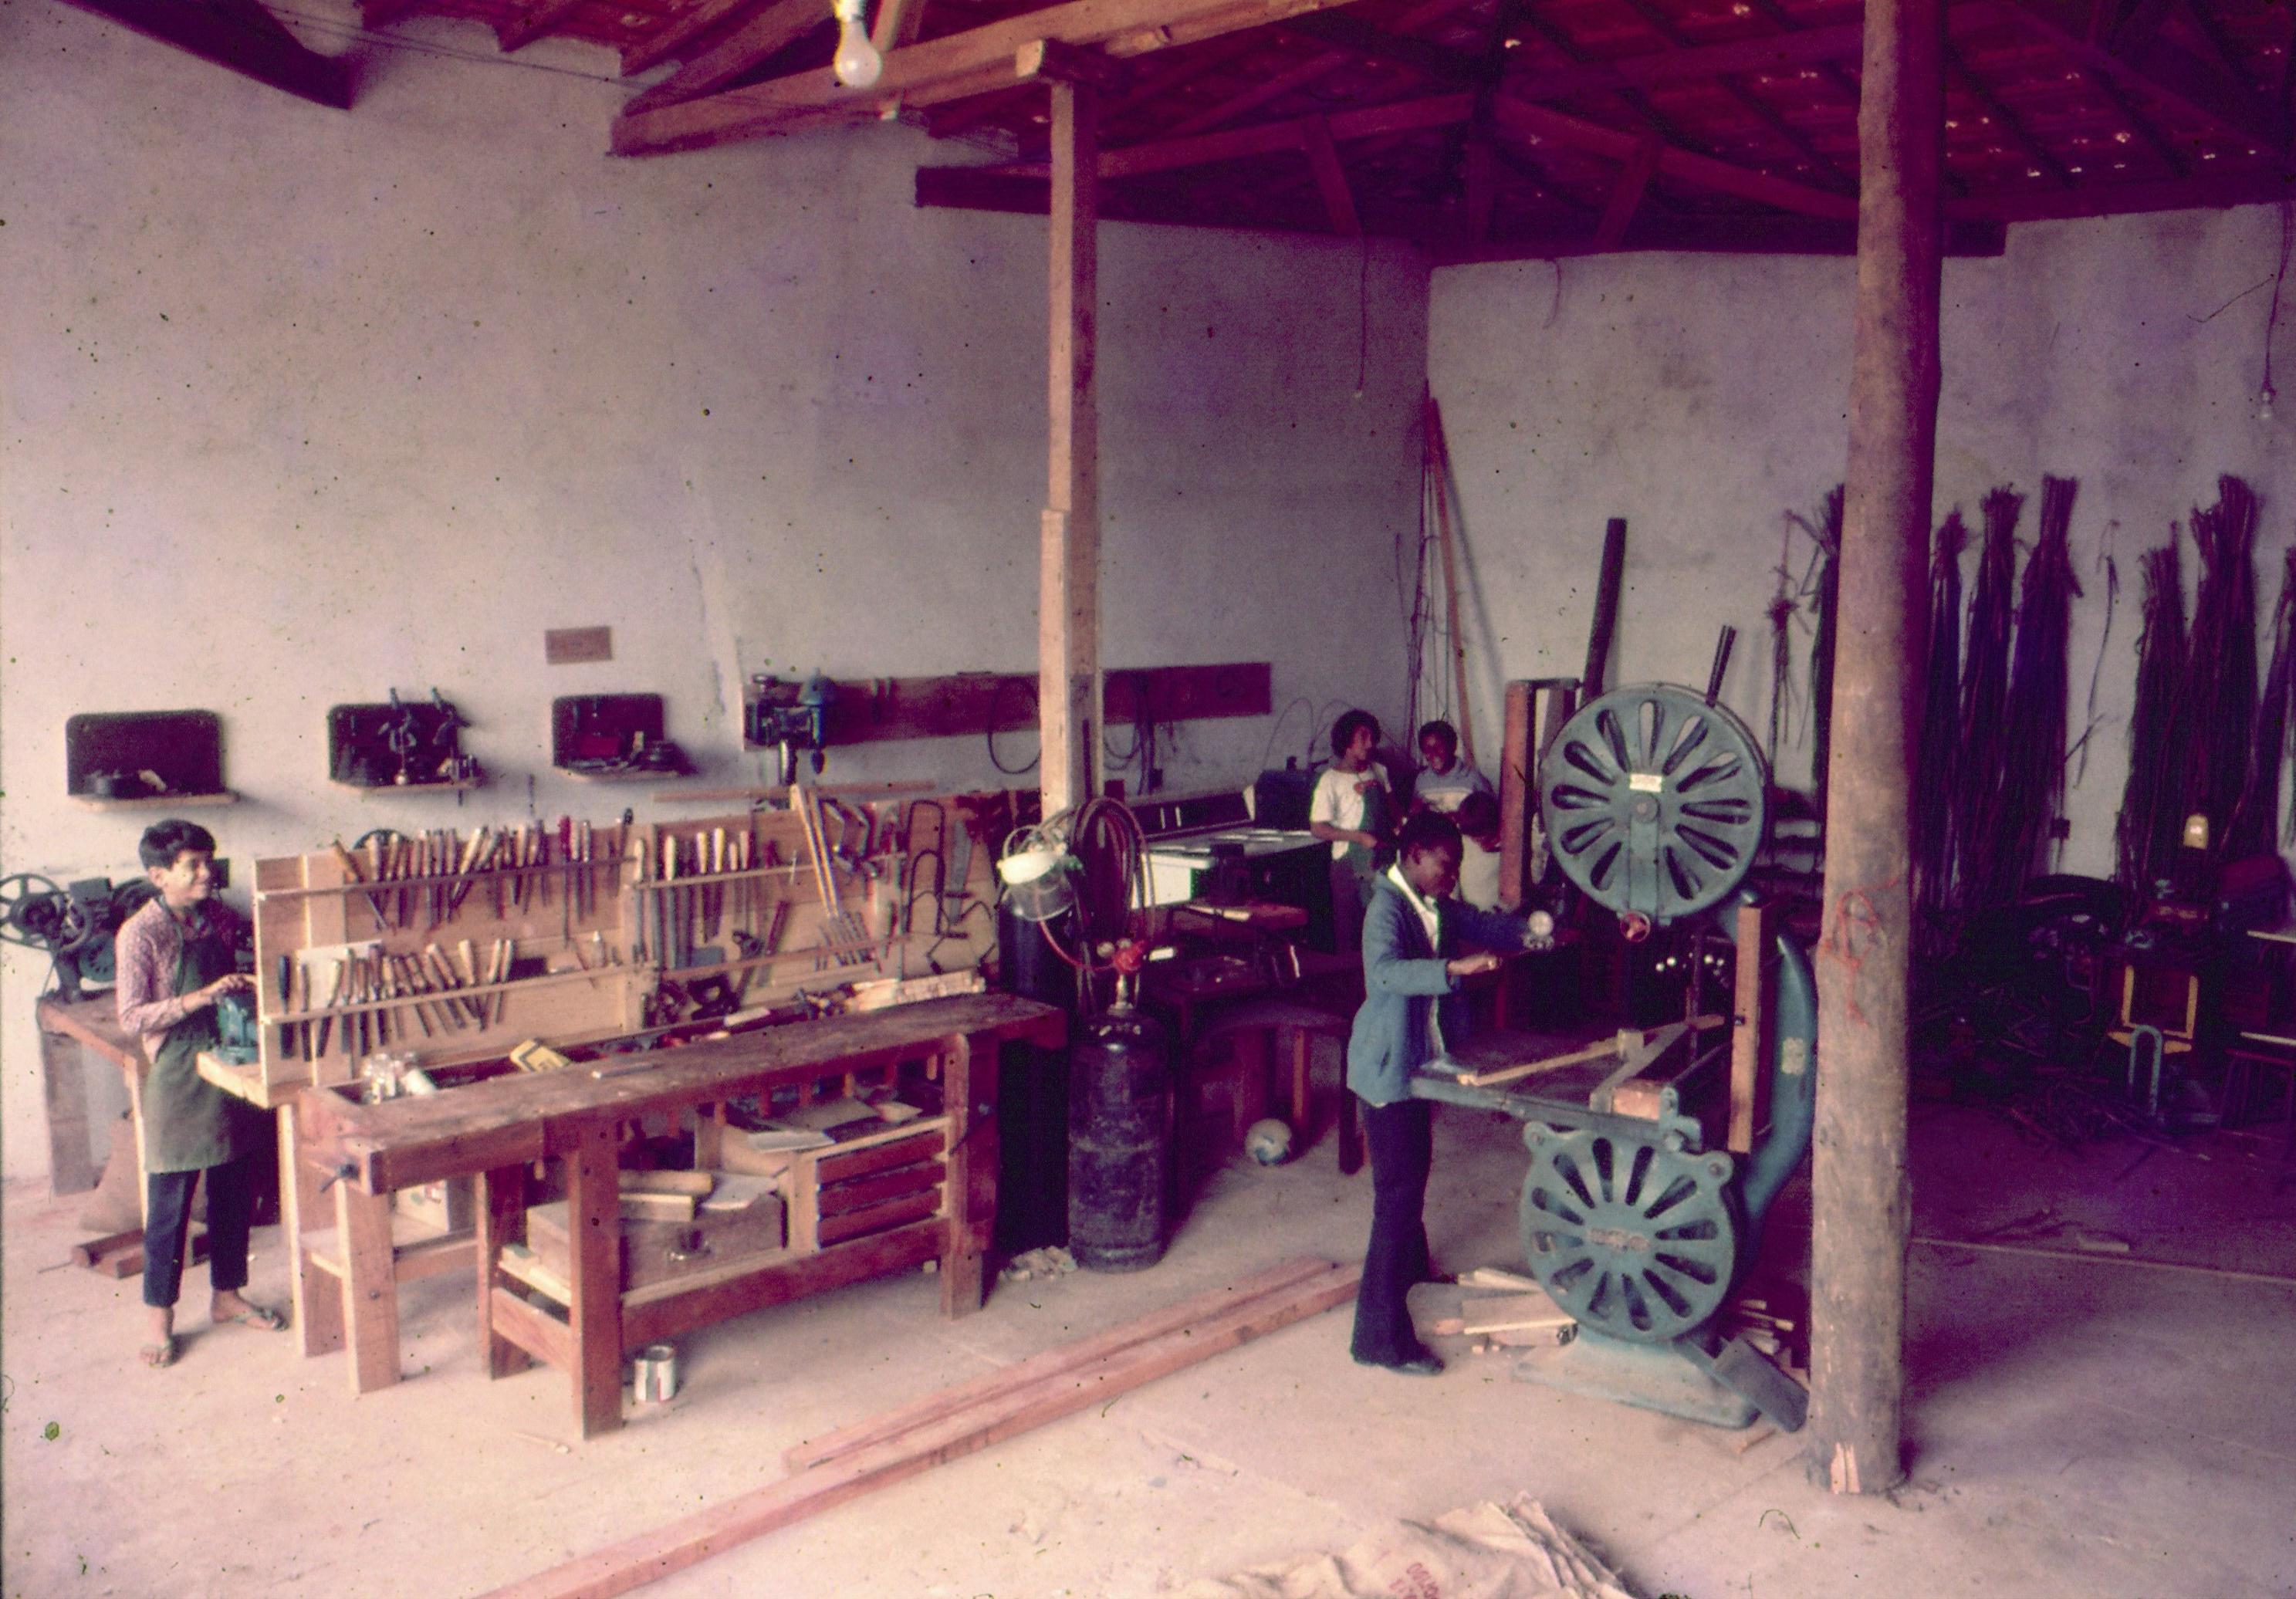 Oficina - arte em ferro e marcenaria